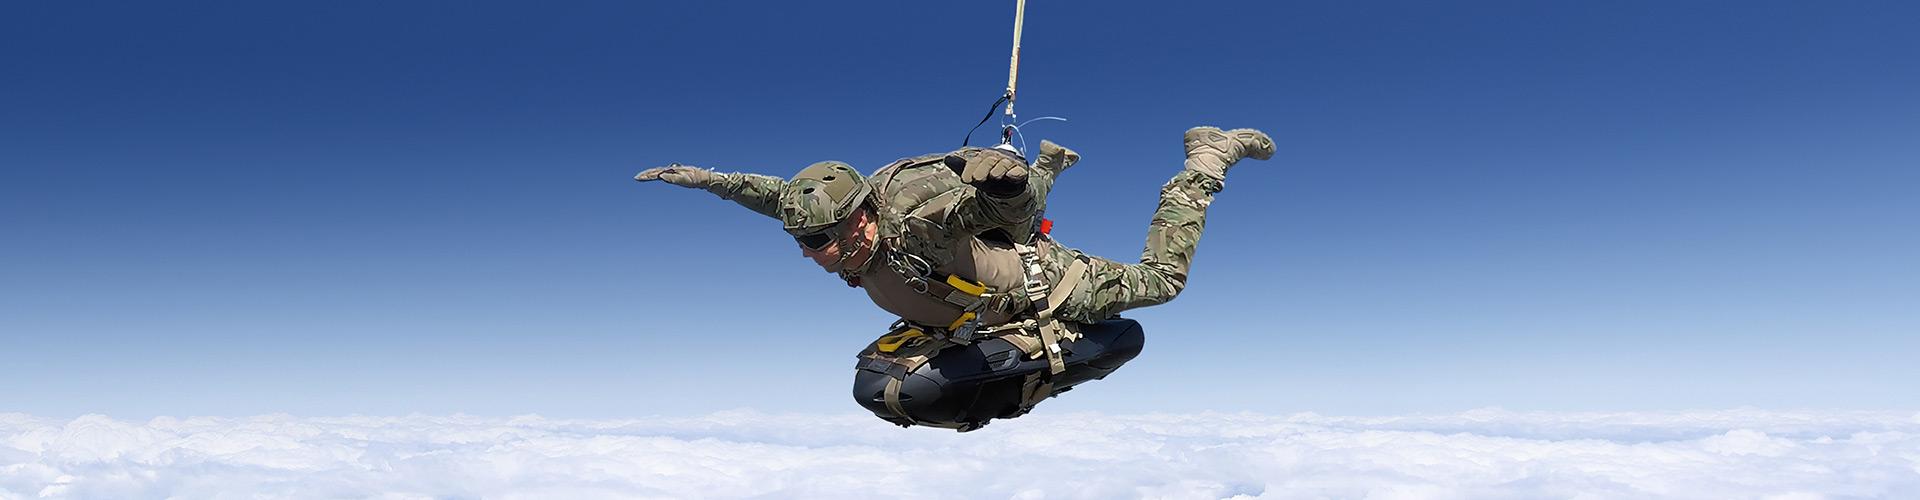 ROTINOR-DIVEJET-Para-Drop-Deployment